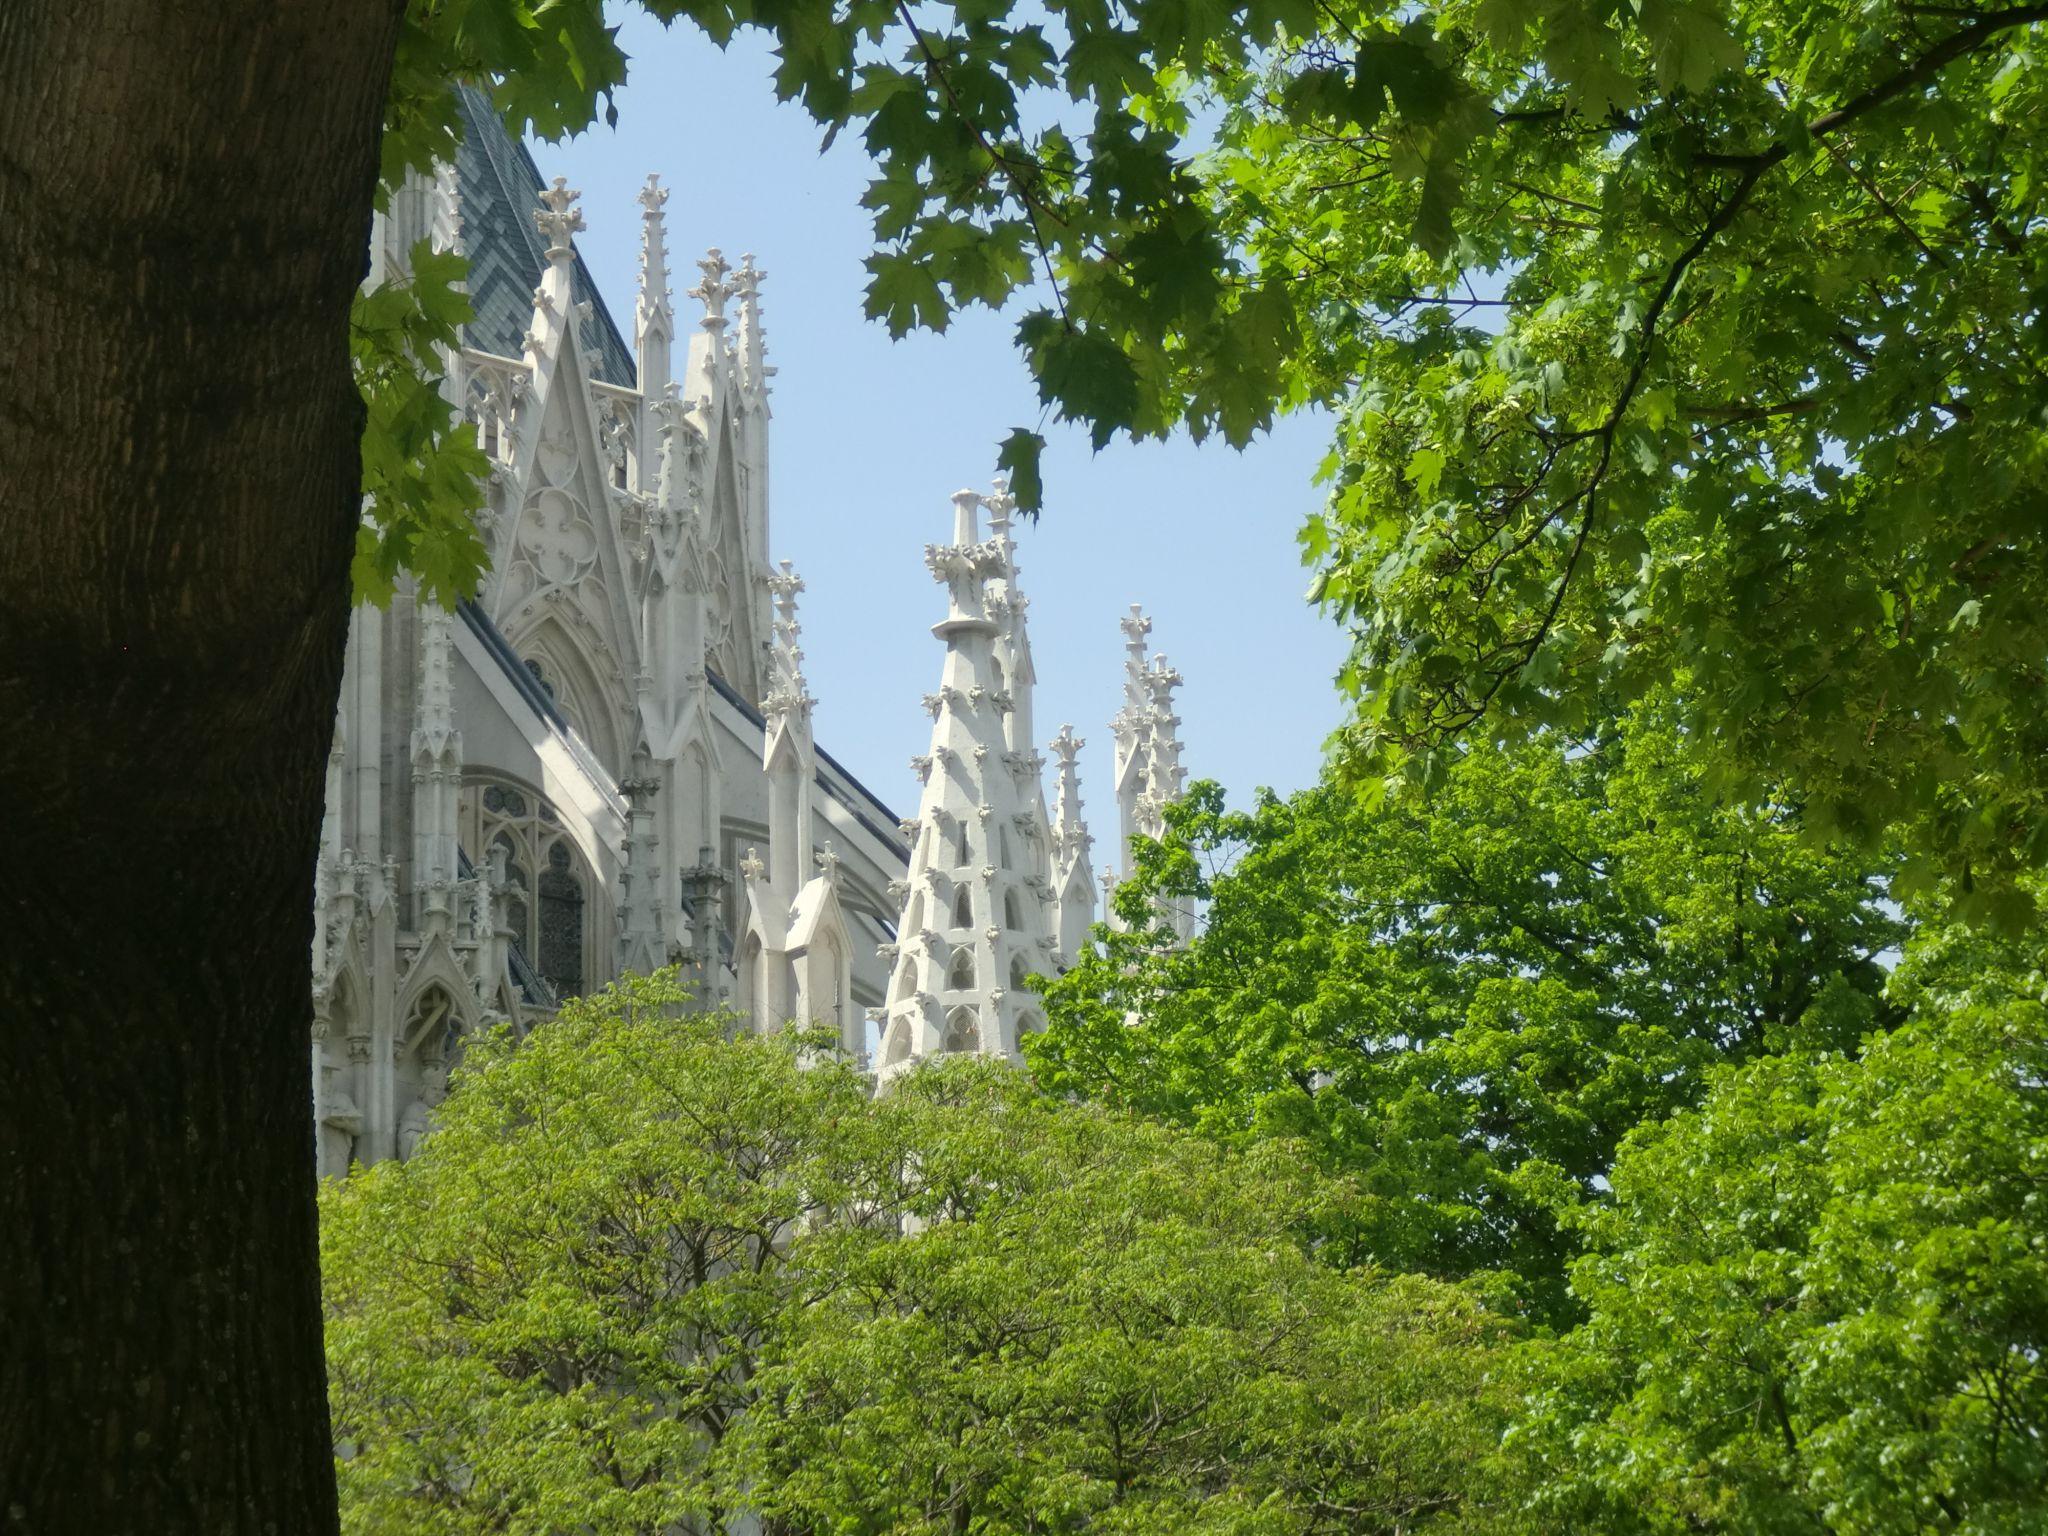 Vienna cathedral 59 1440x1080 - Vienna: elegant beauty